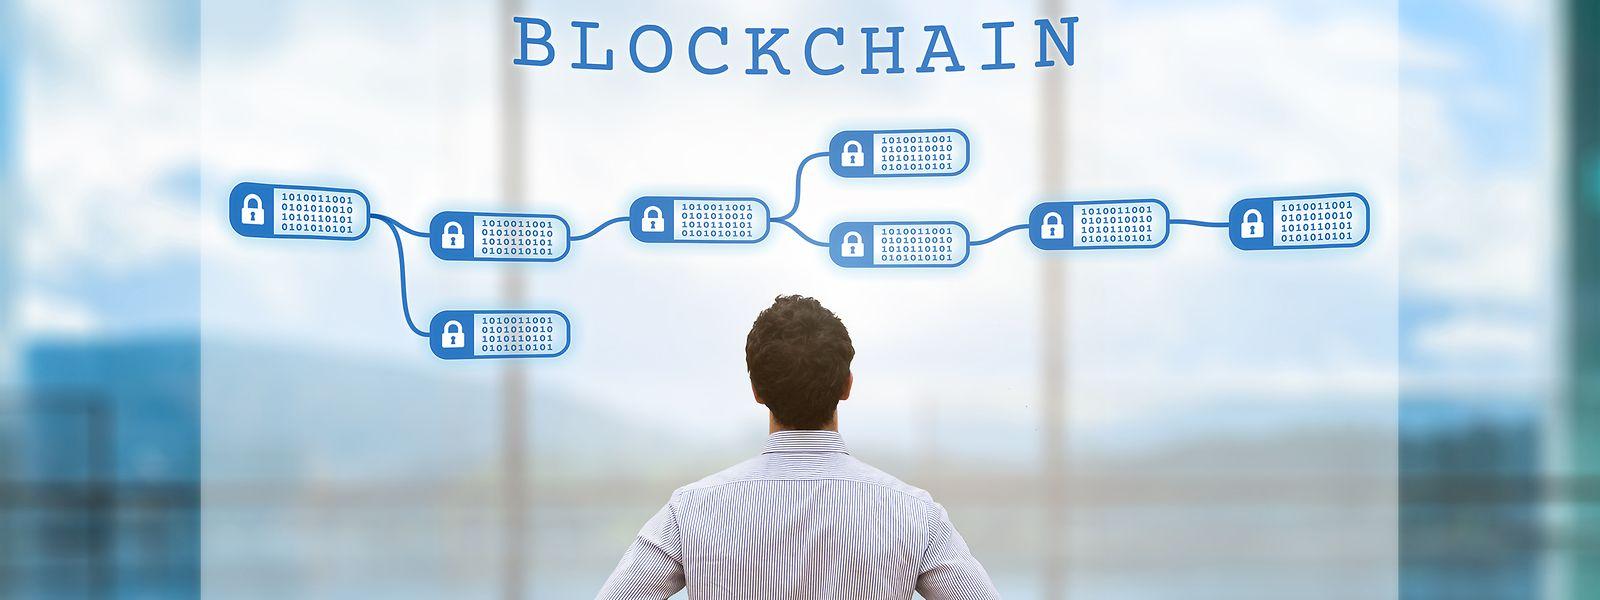 Dans les fonds, de nouveaux modèles d'affaires et services émergeront avec la blockchain.